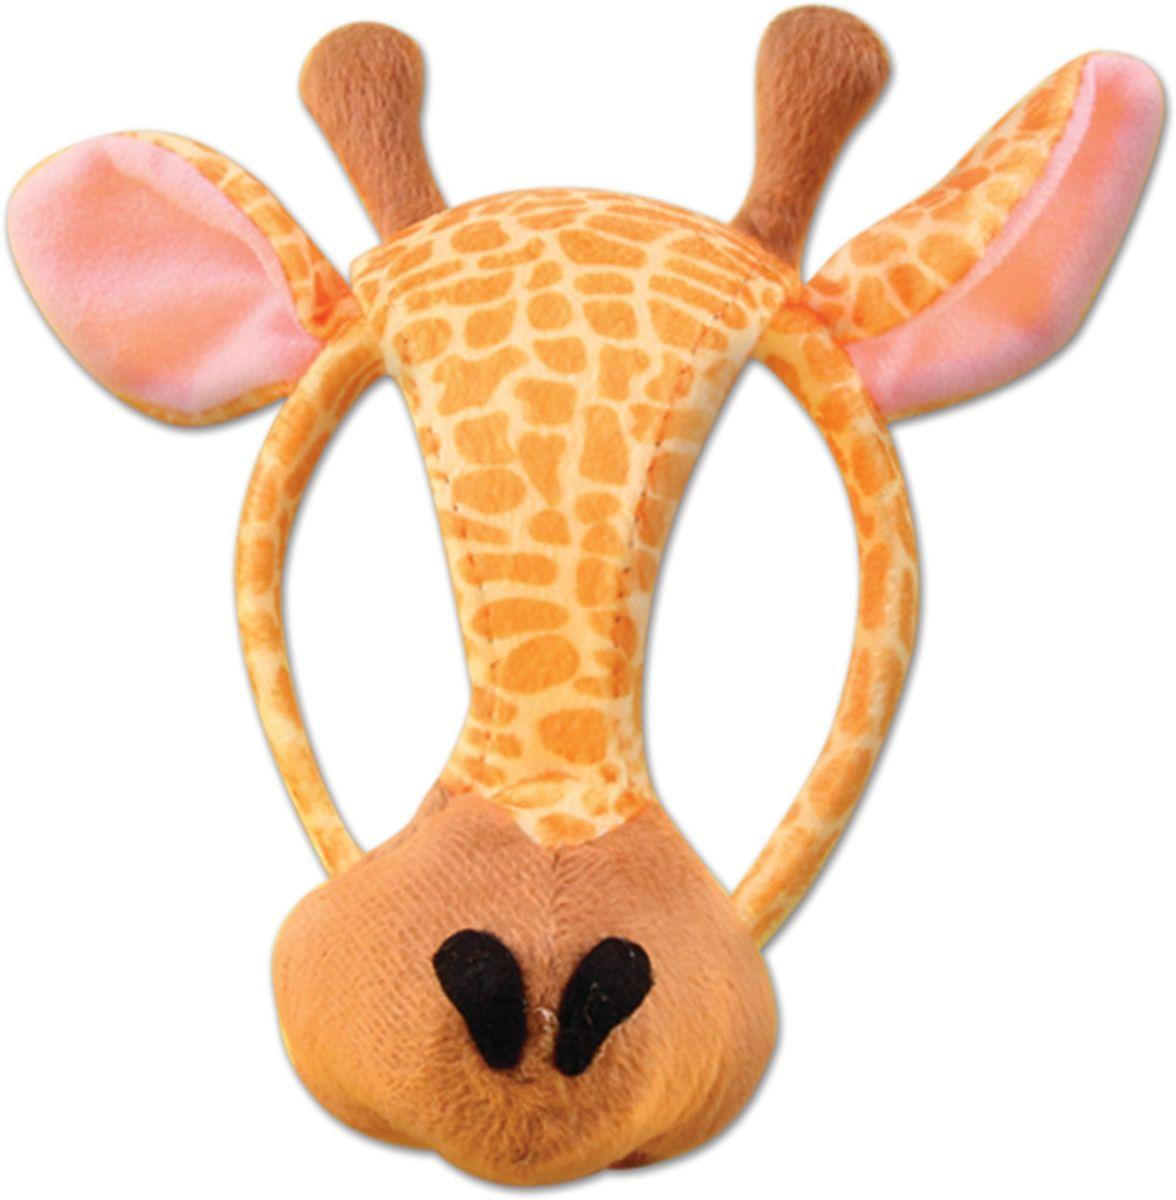 Partymania Маска для карнавала Зоопарк со звуком T1206 цвет жирафT1206_жирафКрасочное дополнение к карнавальному костюму. Благодаря специальному ободку,. Маска легко крепится и не создает продлем даже при длительном ношении. Звук на маске не только развлечет ребенка, но и позволит ему лучше войти в образ животного. Все маски сделаны из материалов высокого качества и идеально подойдут для карнавалов, праздников и любых торжеств. Виды масок: мышь, корова, тигр, заяц, жираф. Пять видов масок поставляются под одним артикулом. Размер упаковки - 210х320х45 мм.